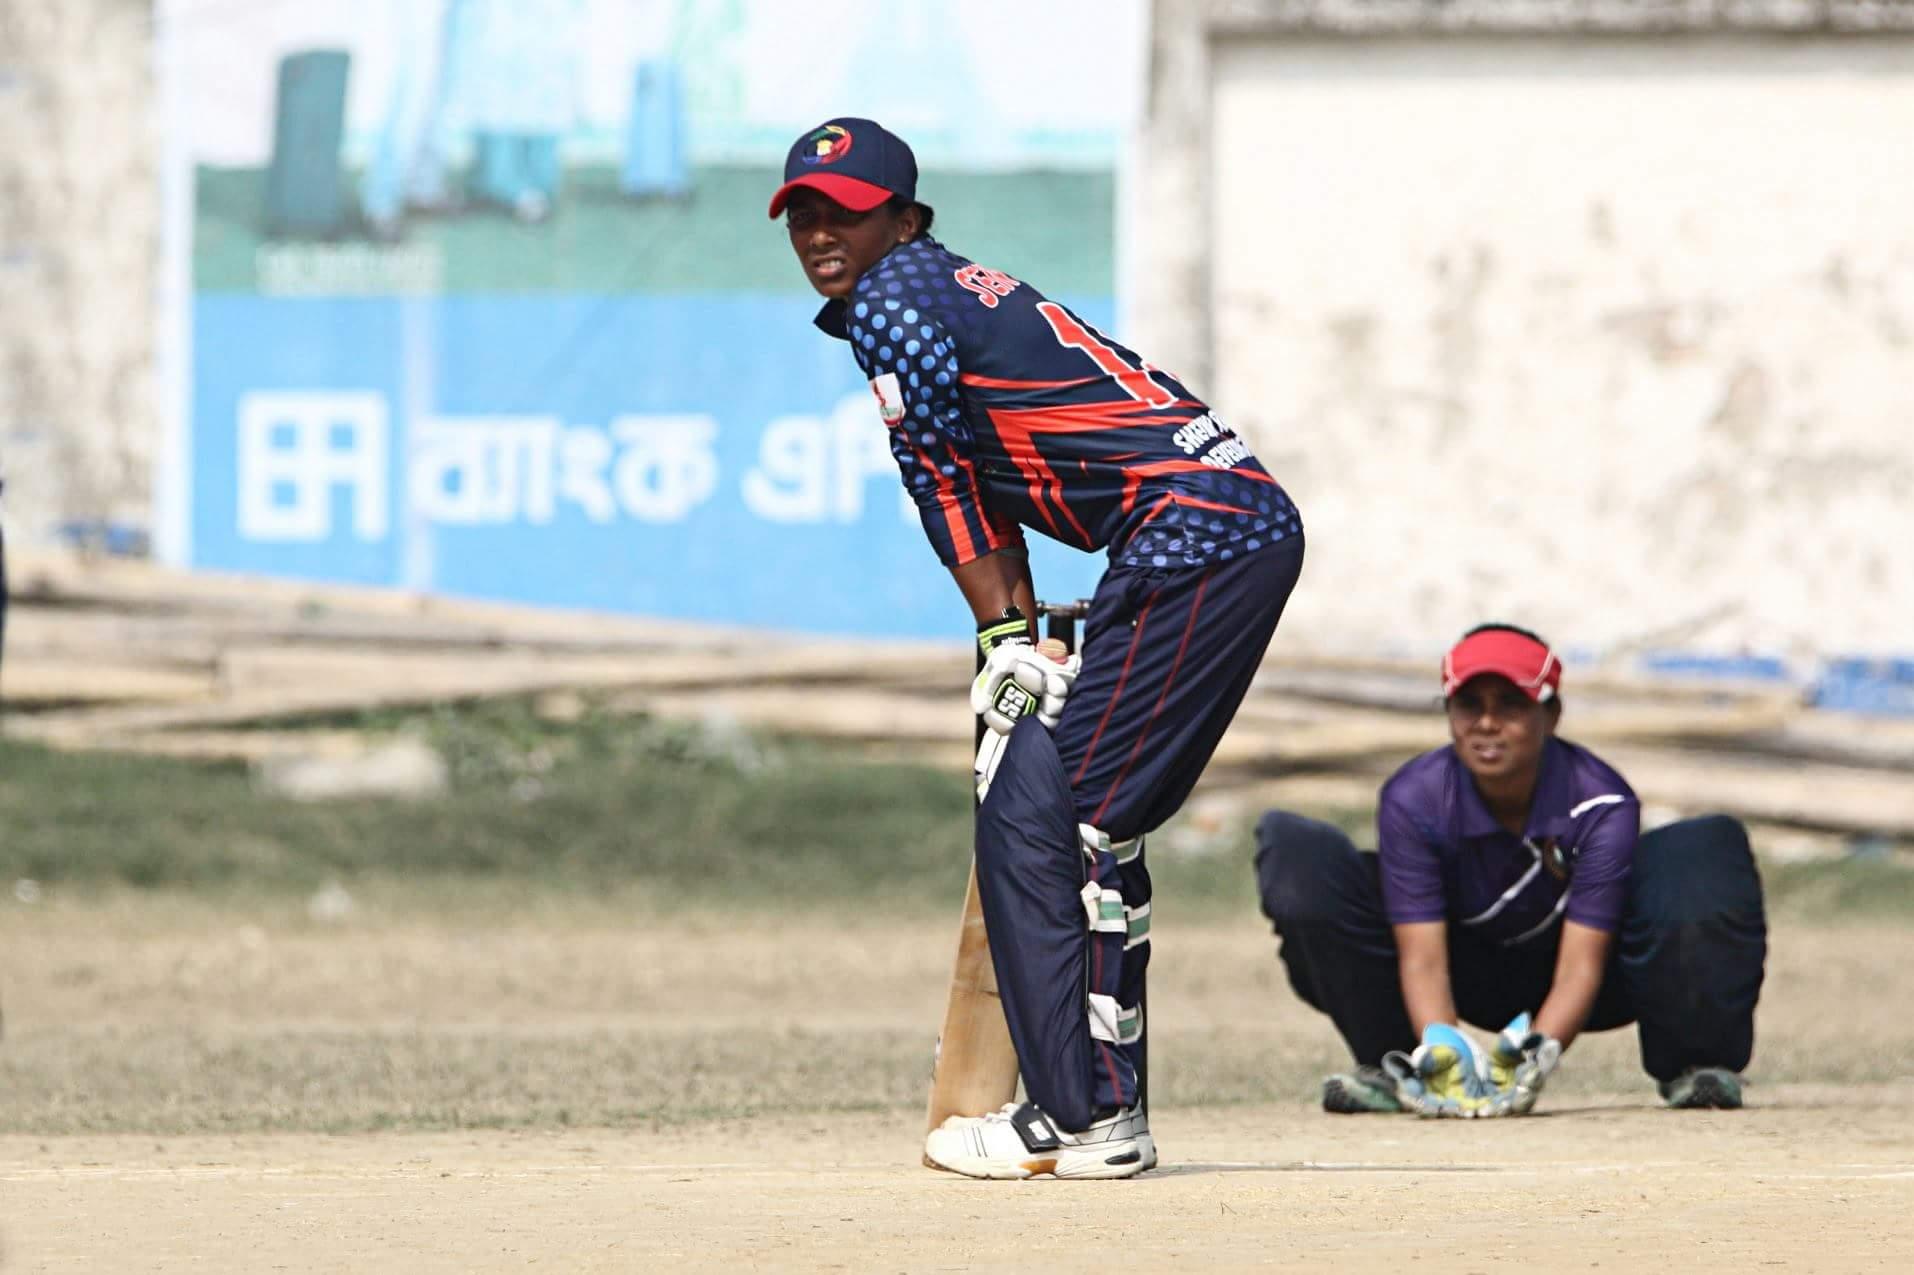 """ভারতের বিপক্ষে বাংলাদেশ প্রমিলা ক্রিকেট """"এ"""" দলে চান্স পেয়েছে সাতক্ষীরার সিন্থিয়া"""